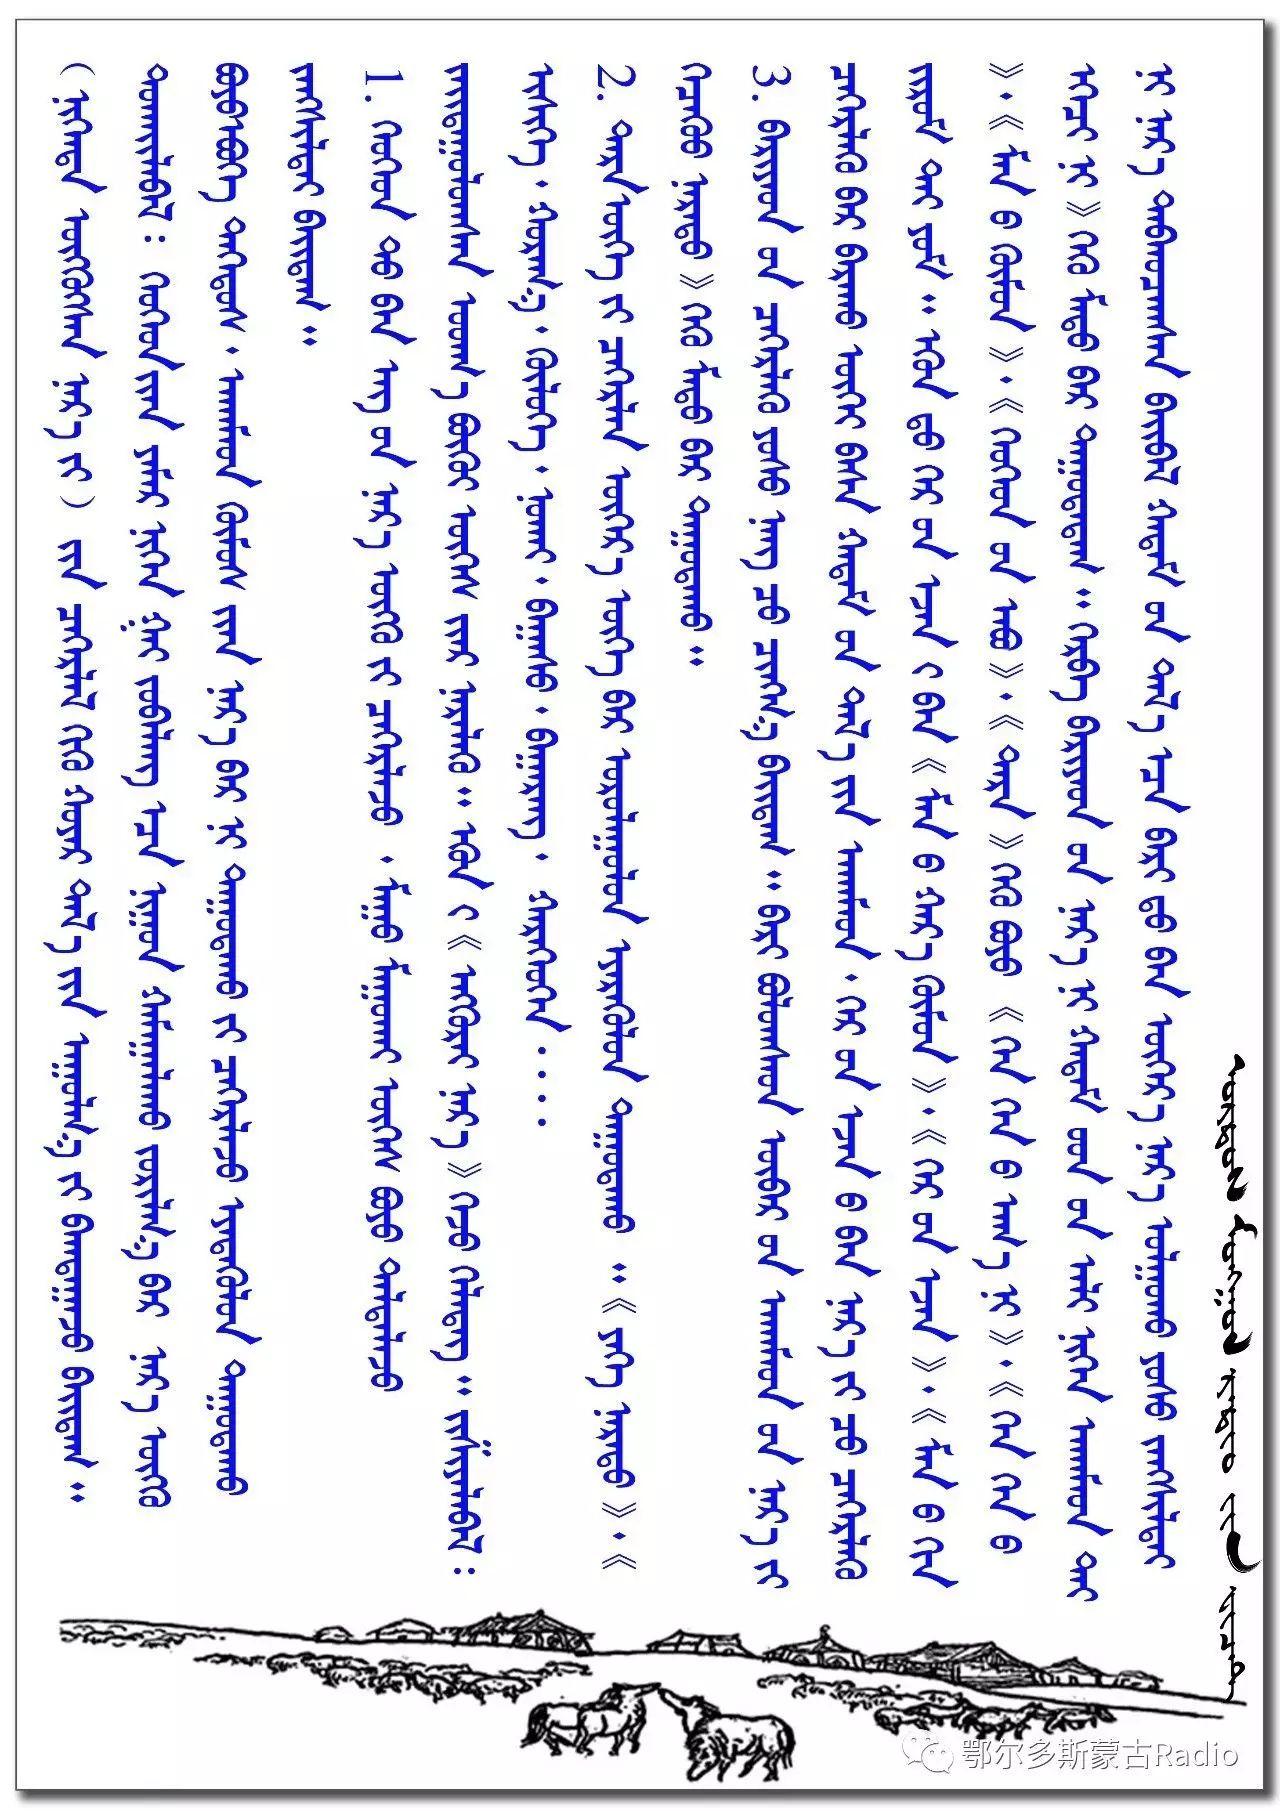 【习俗】蒙古人起名字习俗,年轻的父母们快来看看是怎么回事(蒙古文) 第13张 【习俗】蒙古人起名字习俗,年轻的父母们快来看看是怎么回事(蒙古文) 蒙古文库